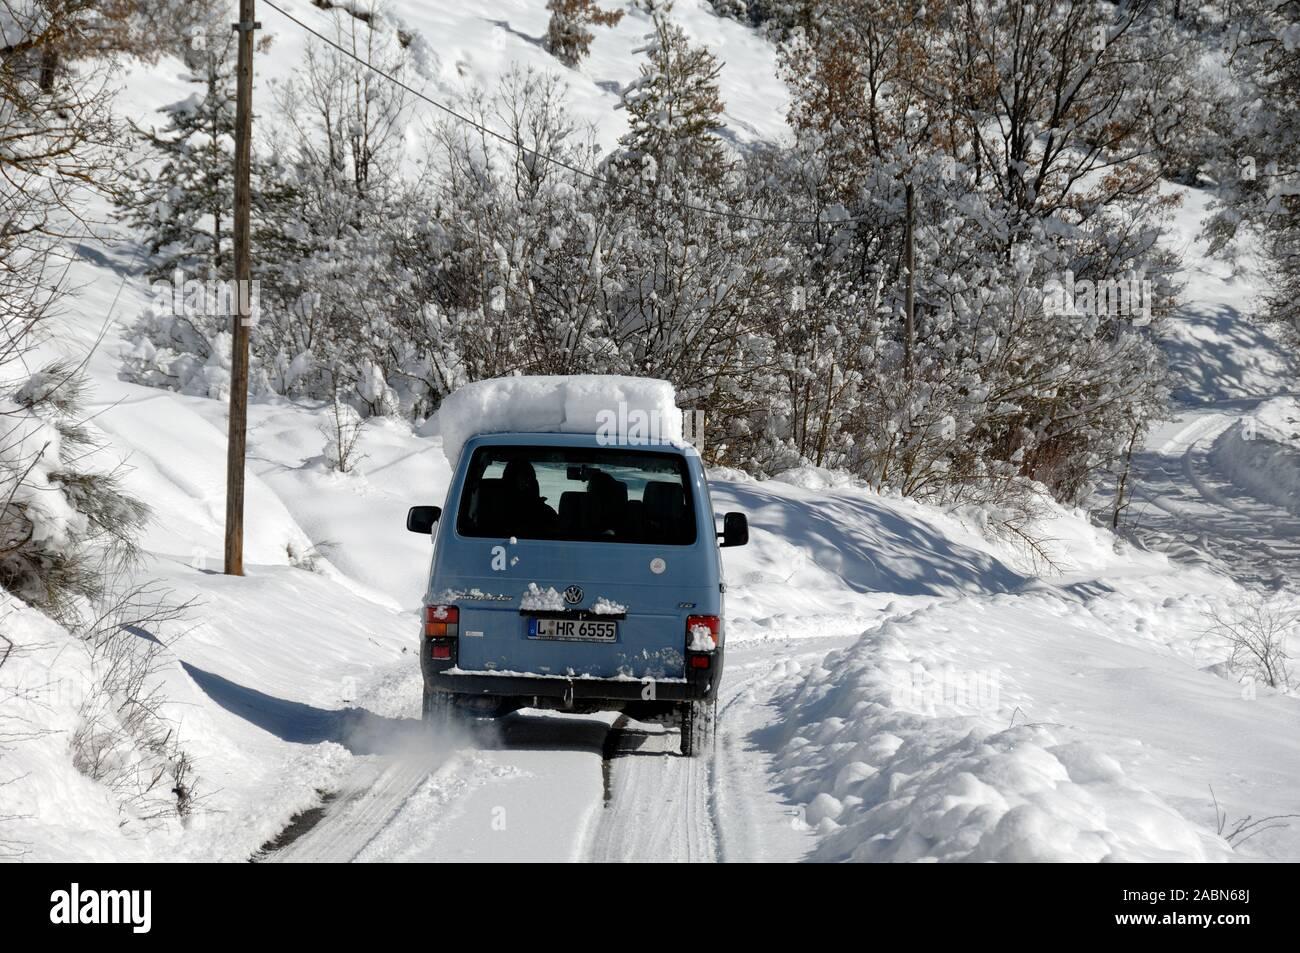 Voiture roulant sur la neige tassée ou route de campagne enneigée Blieux Alpes de Haute Provence Provence France Banque D'Images